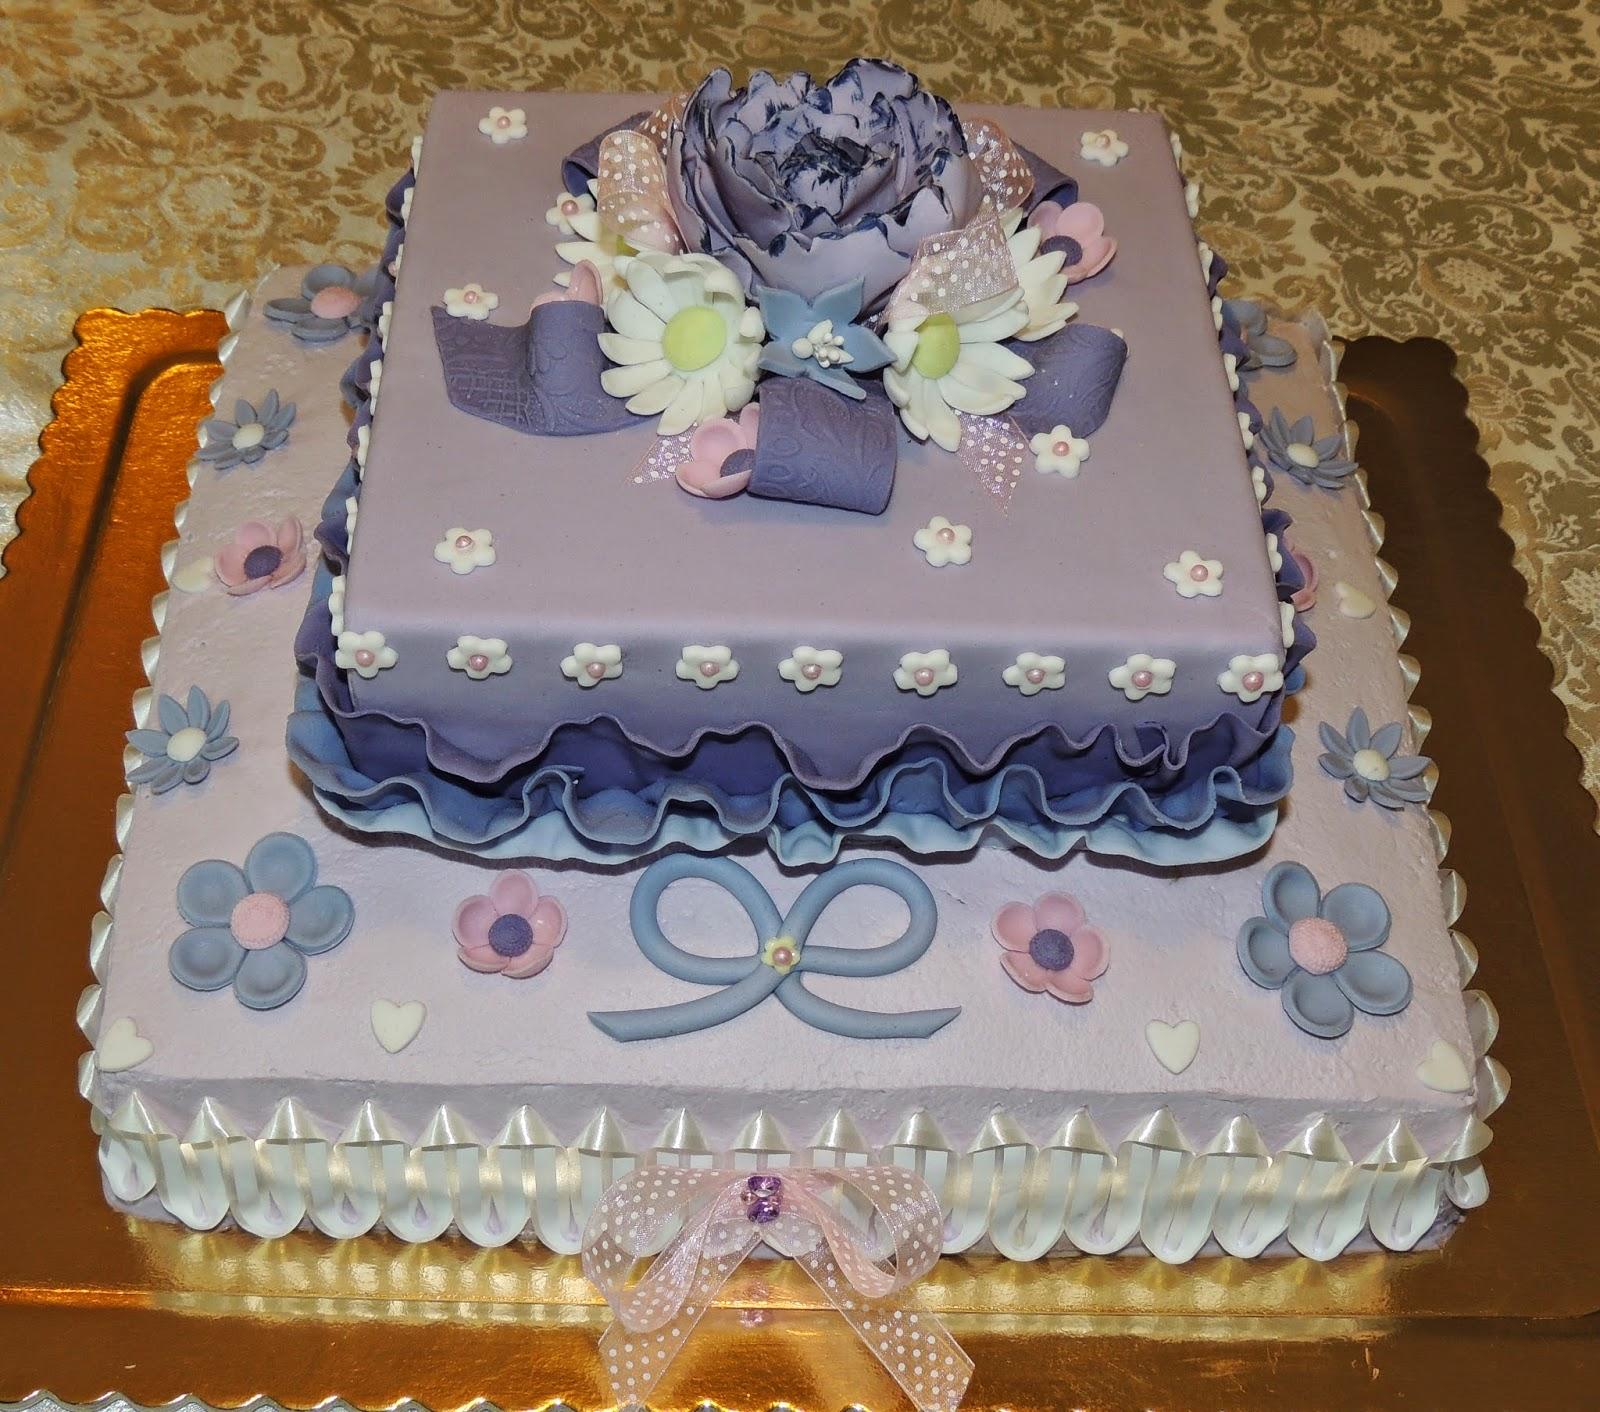 Immagini Torte Compleanno 40 Anni